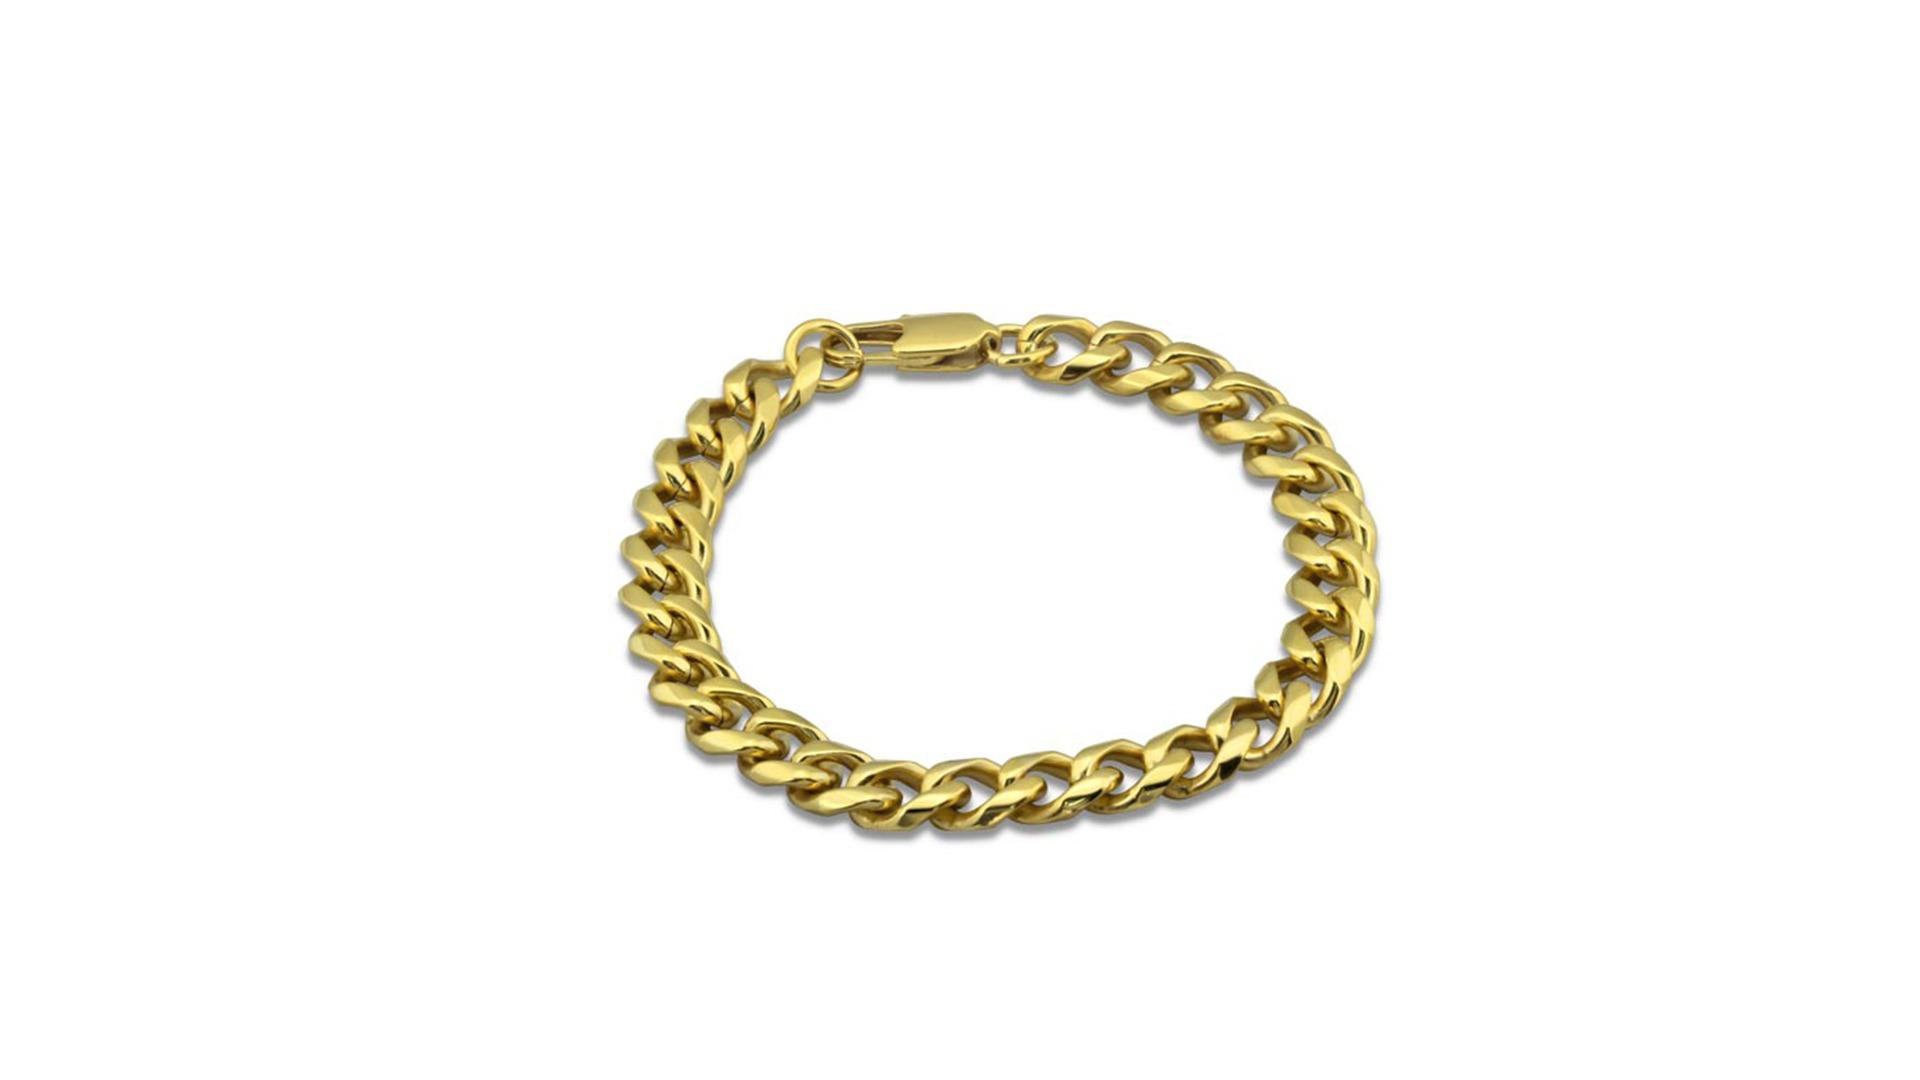 962440a5c ... Zlatý pánsky náramok 3,5cm – chirurgická oceľ. 🔍. Previous. Next